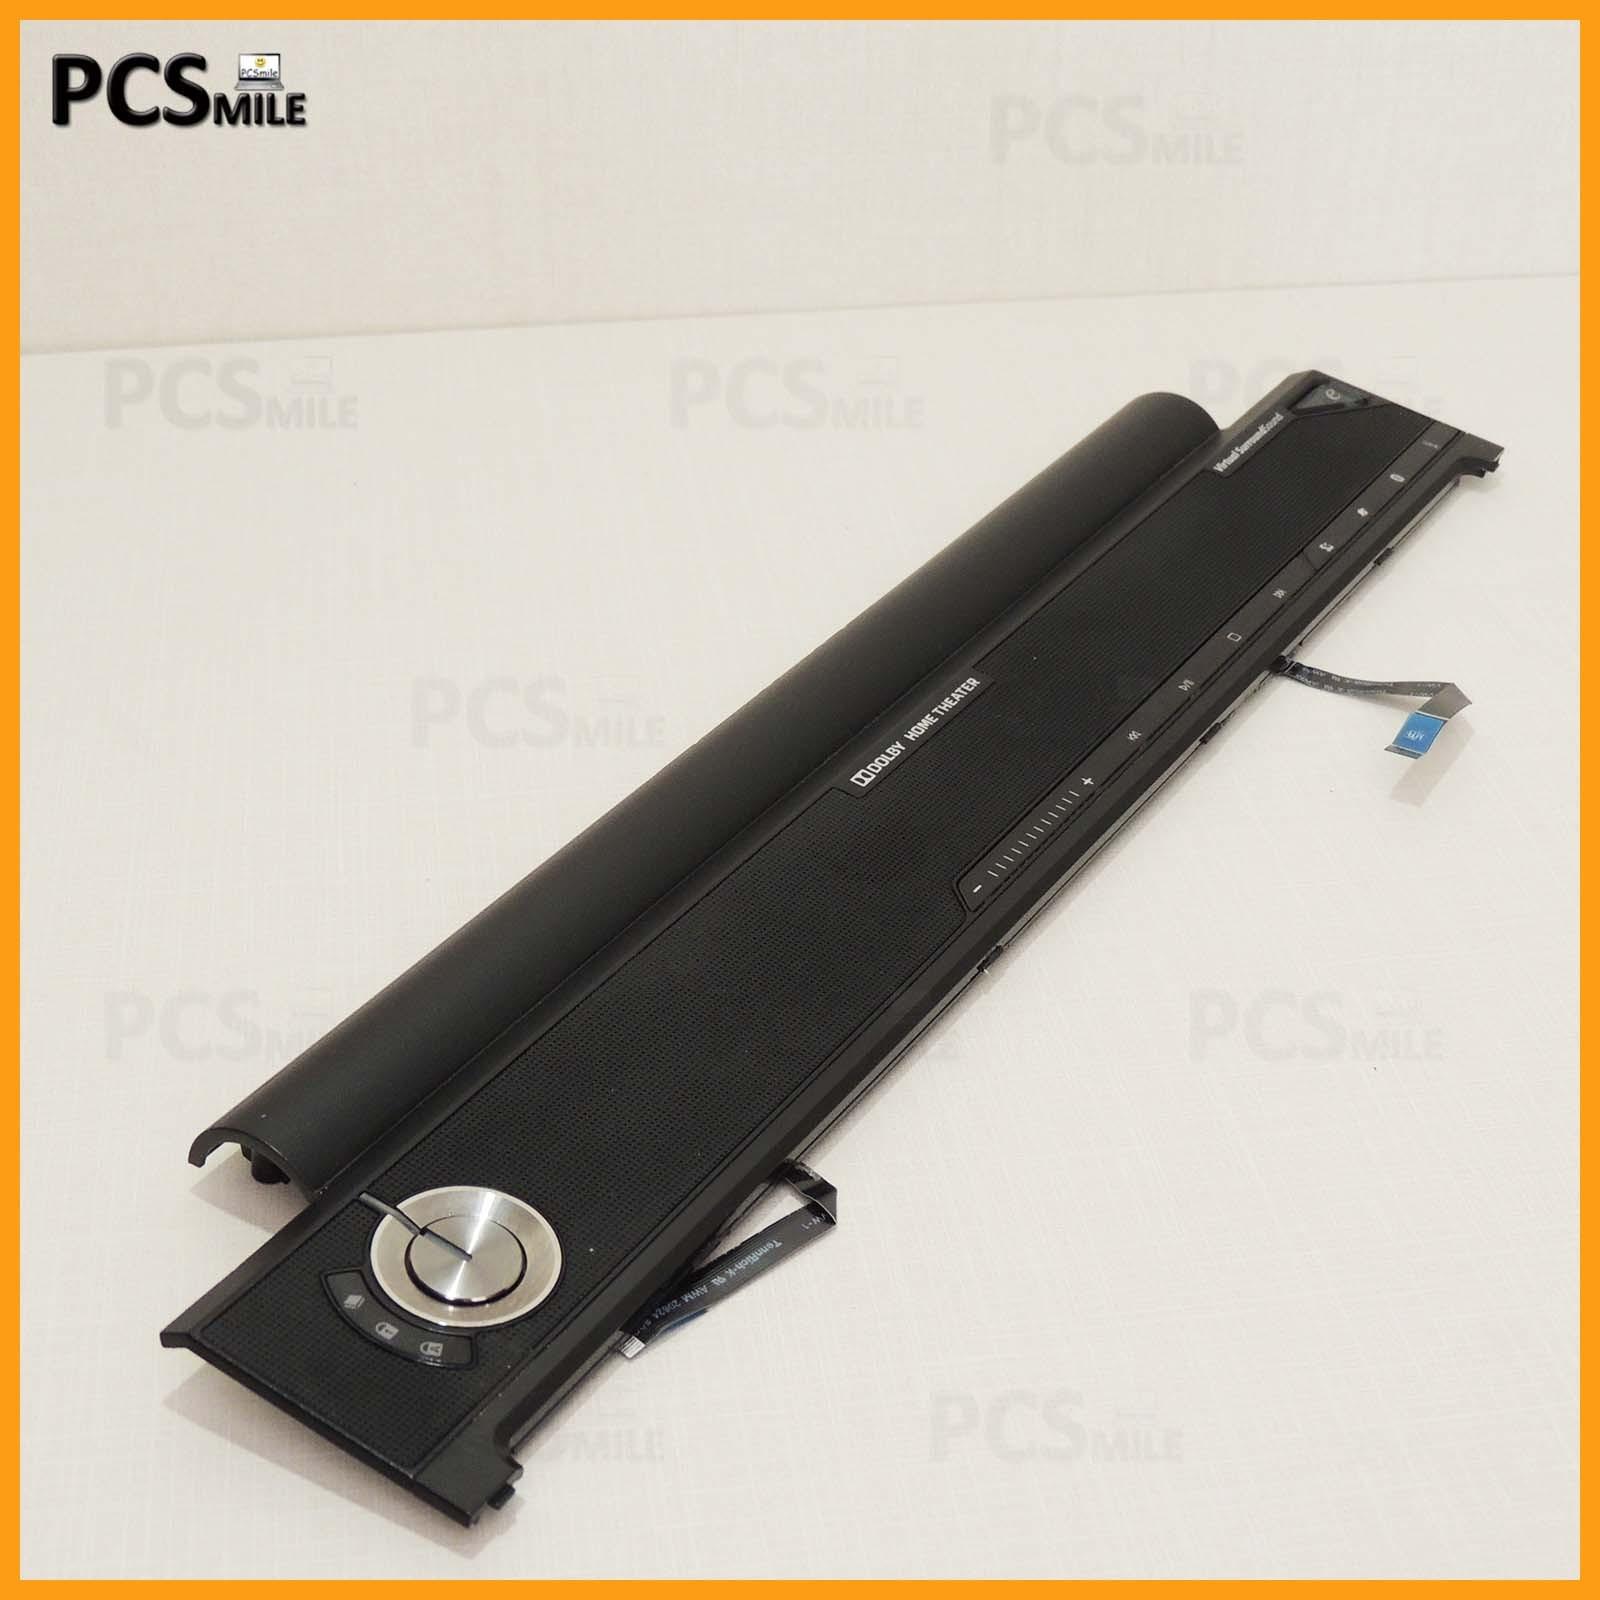 Pannello multimediale Acer Aspire 6530 tasto accensione FOX3GZK3KCTN00081024-05